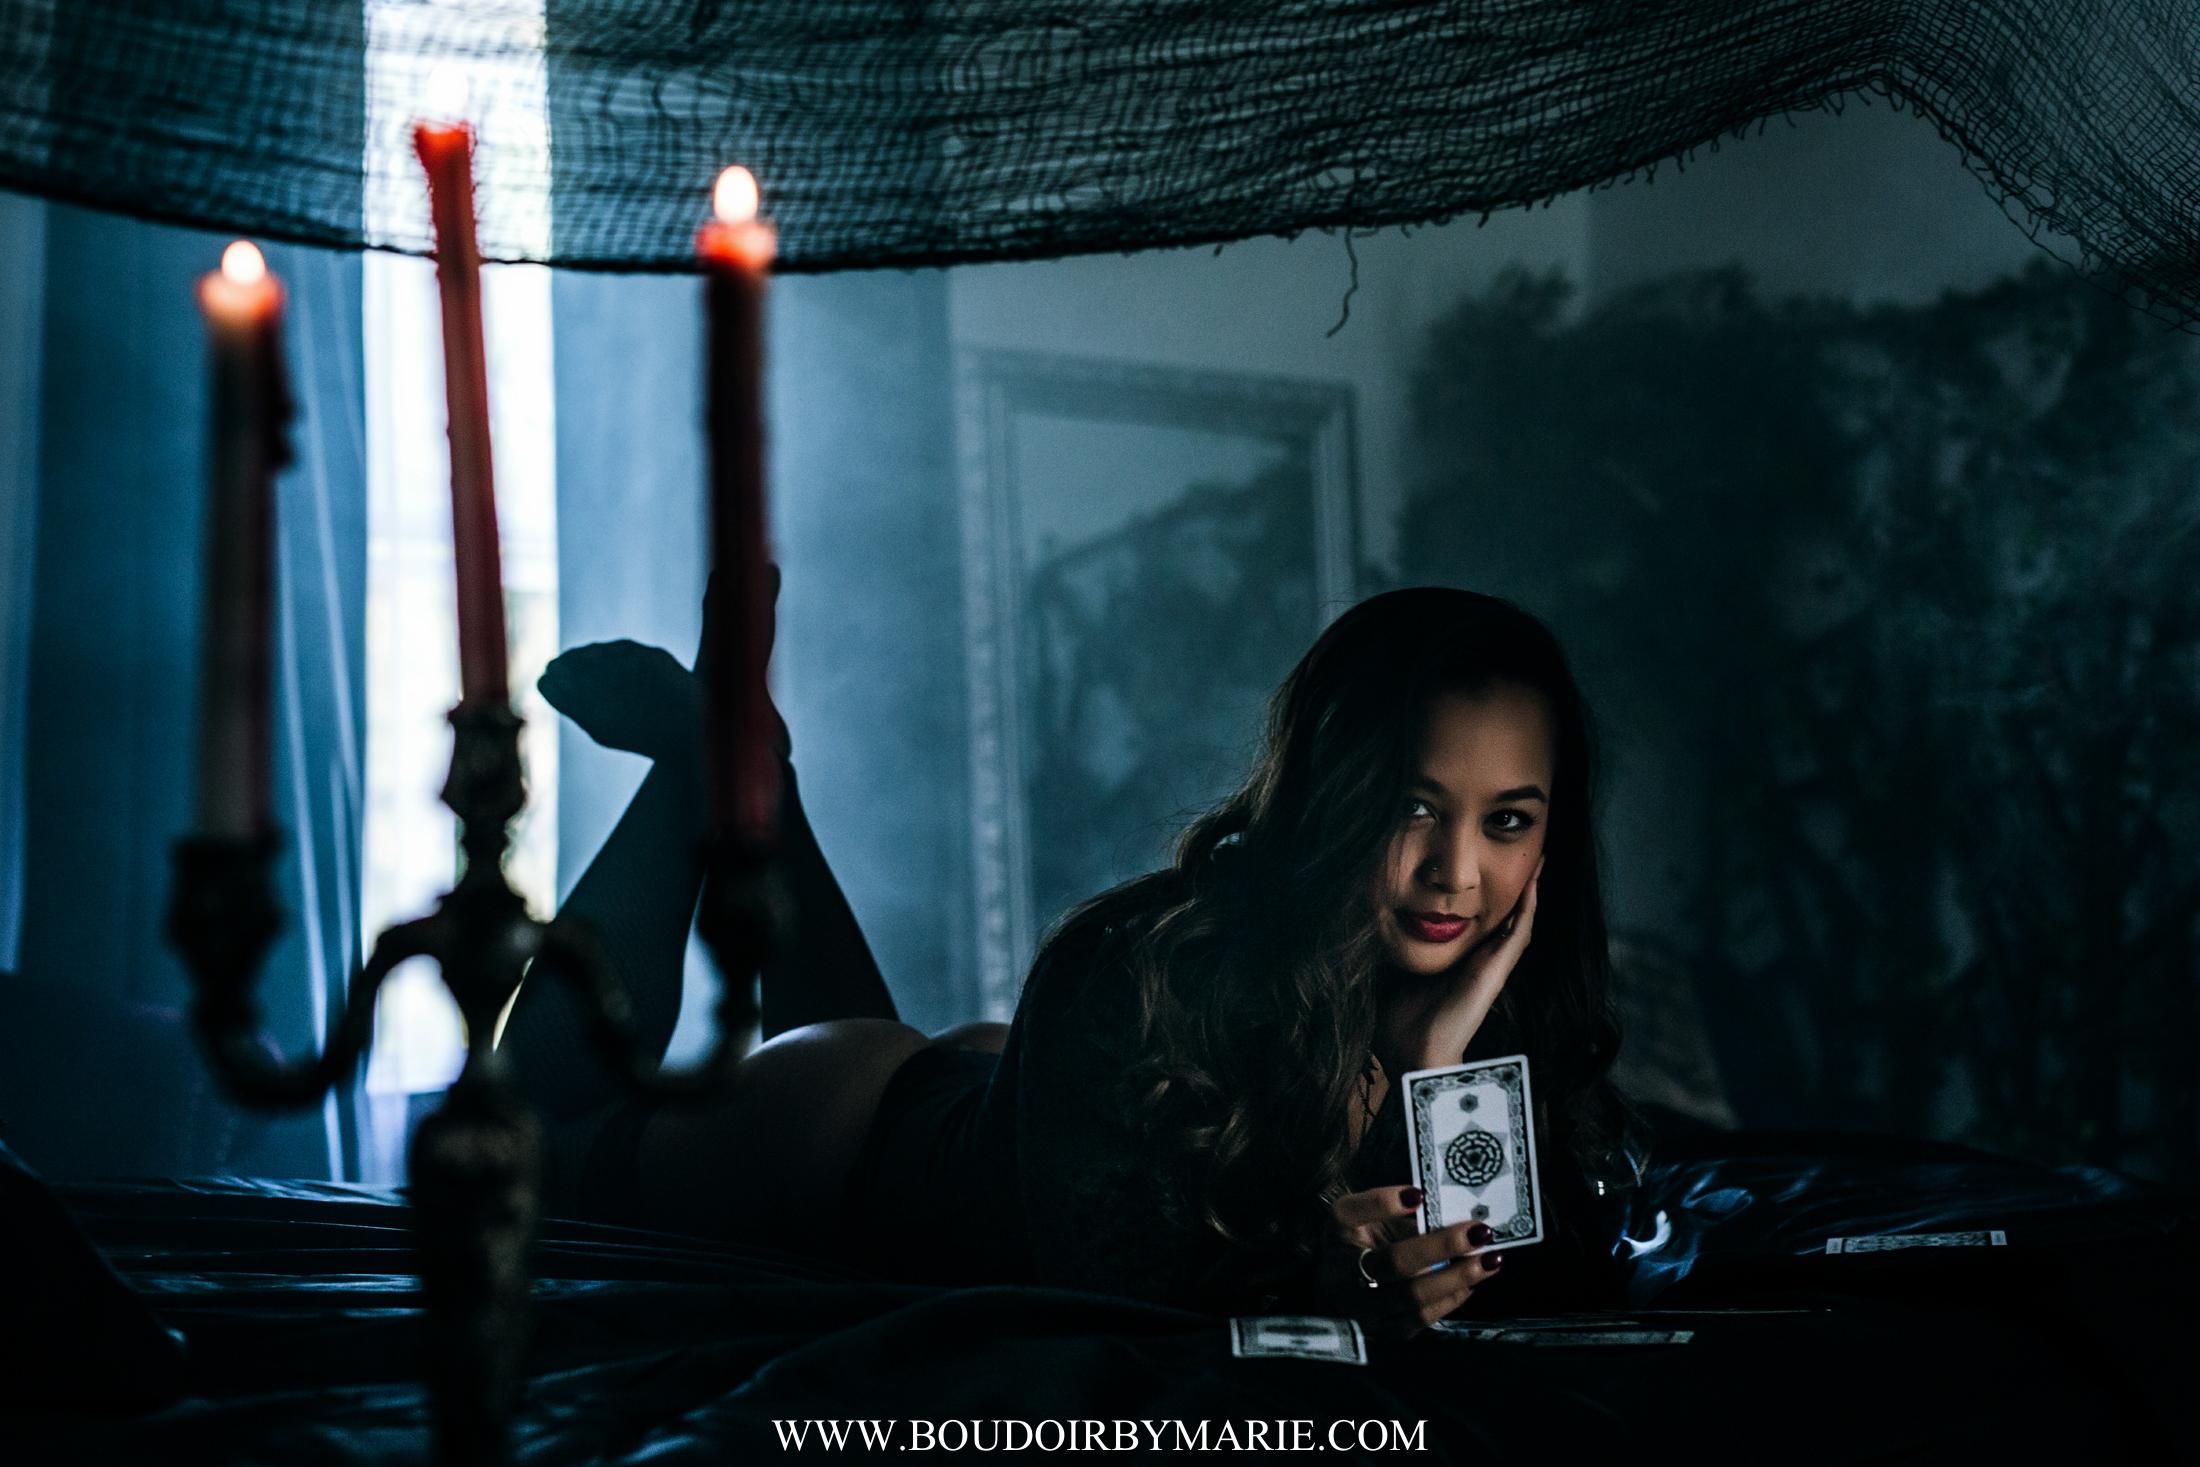 BoudoirbyMarie-HalloweenBoudoir-6.jpg